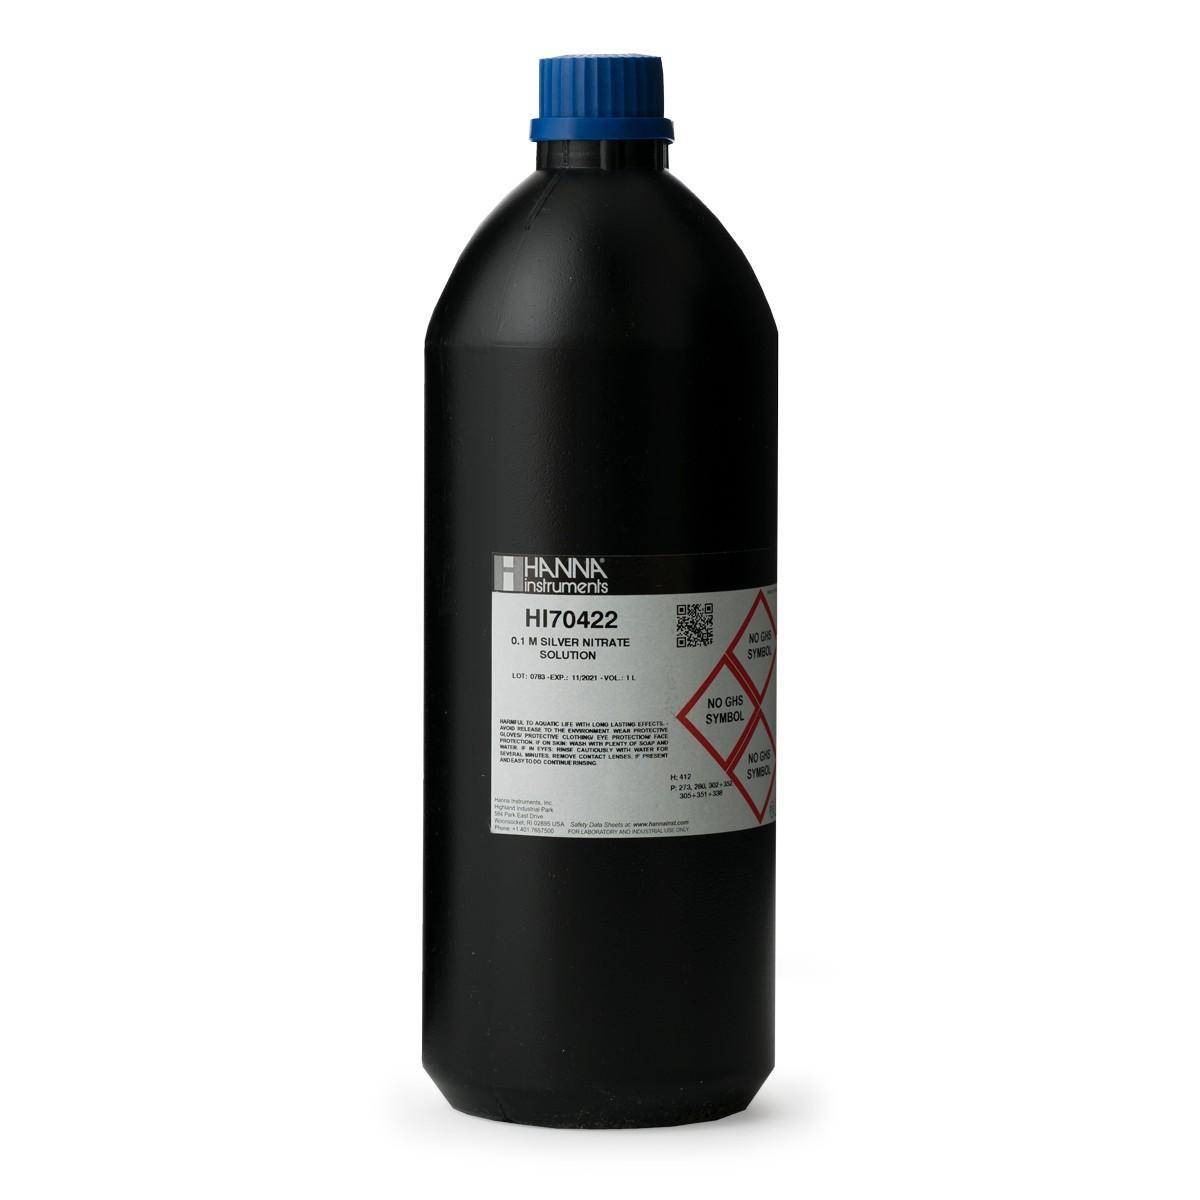 Silver Nitrate 0.1M, 1L - HI70422